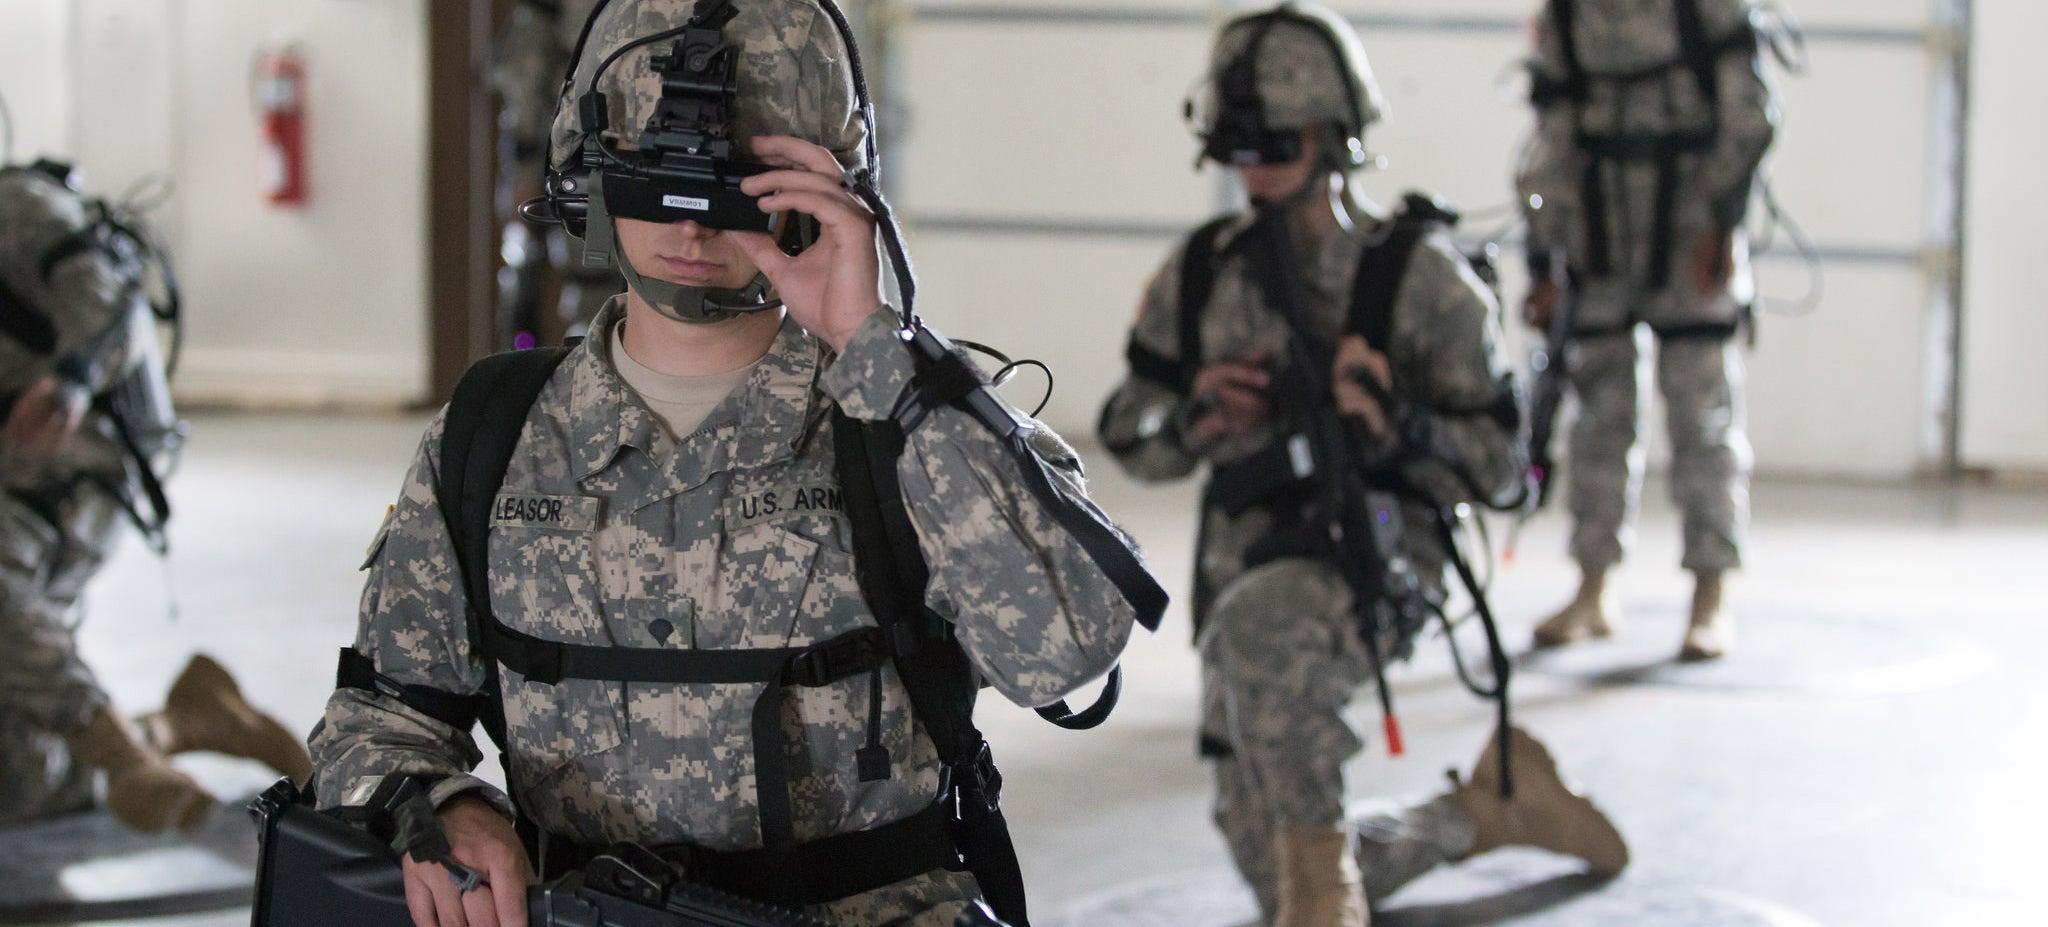 Soldiers on (Virtual) Patrol